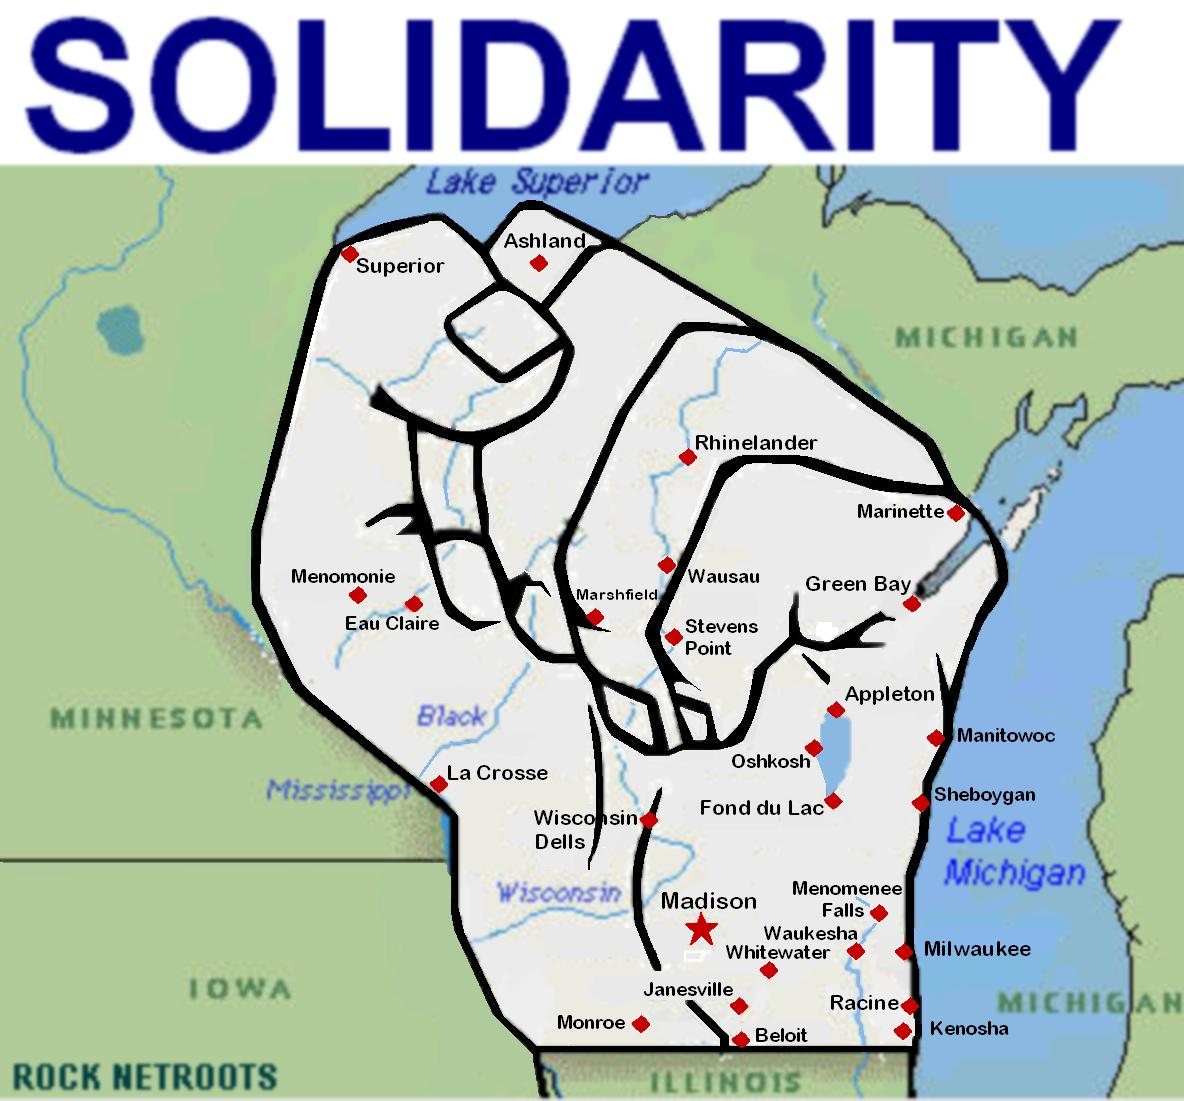 Wisconsin = solidarity